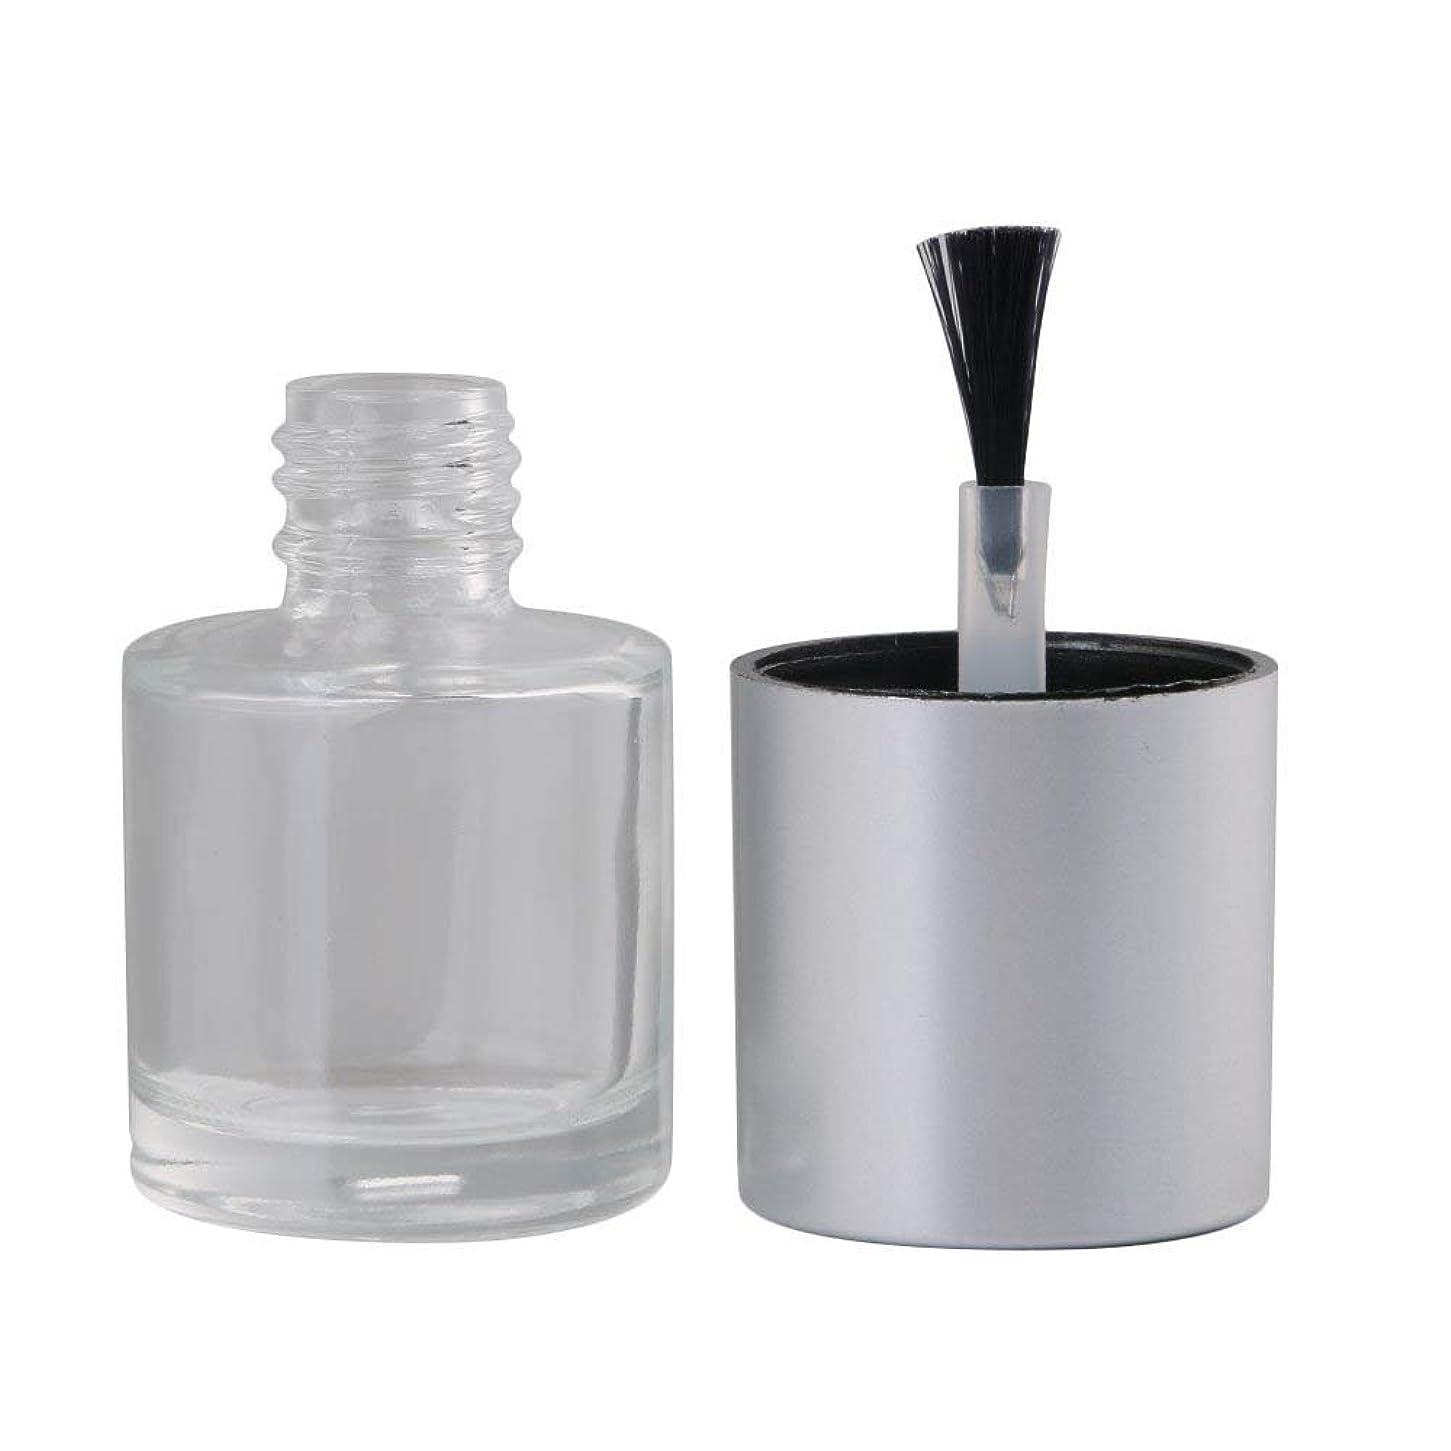 我慢する農業著作権Diystyle 10個入 マニキュアボトル 空ボトル 10ml 小分けボトル 詰め替え 化粧品収納 旅行用品 ガラス グレー